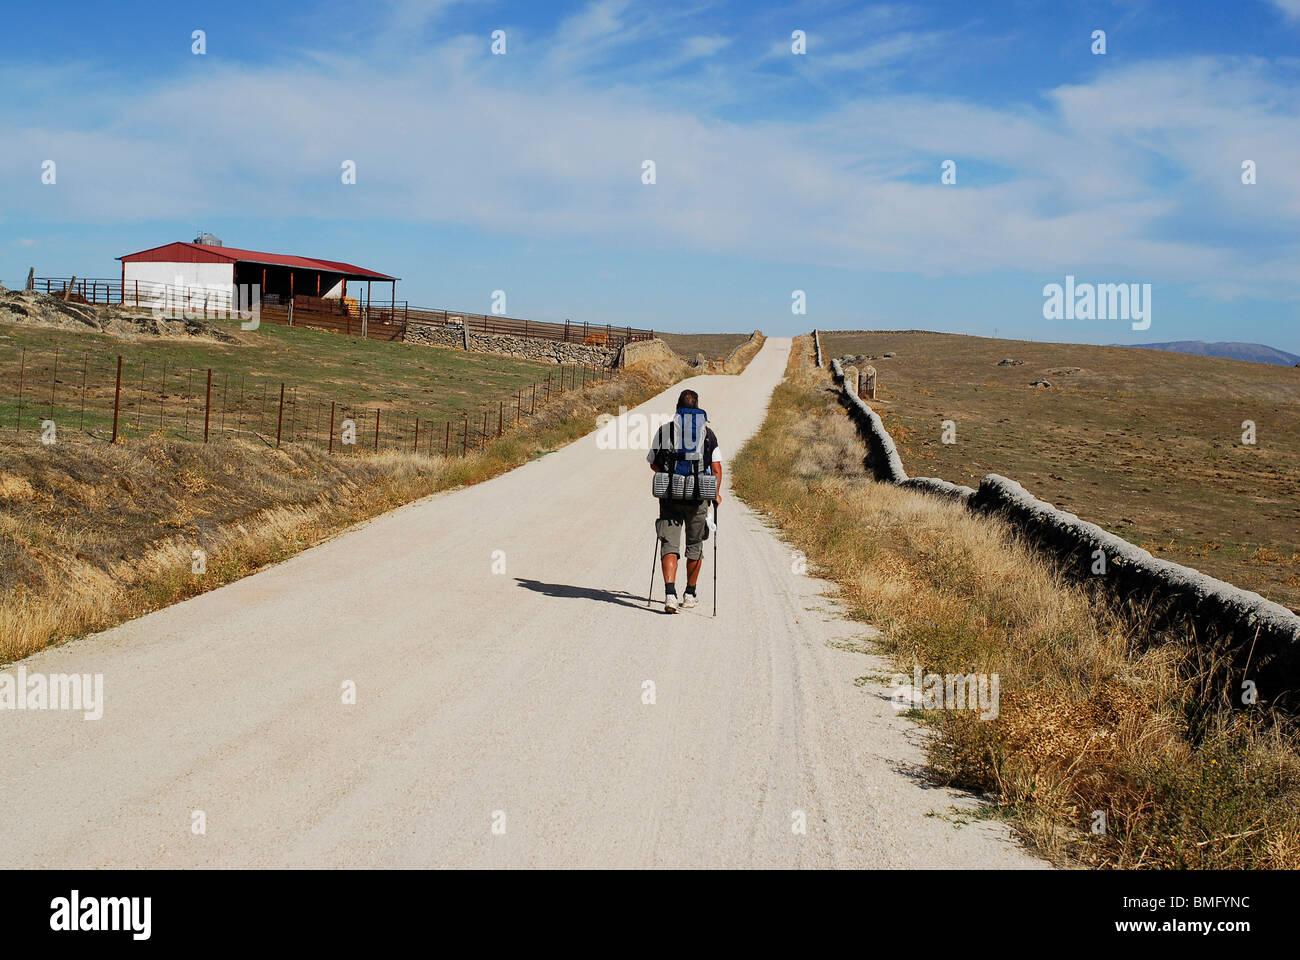 Pilgrim walking the Silver Way or Via de la Plata to Santiago in Caceres province. Extremadura region, Spain - Stock Image